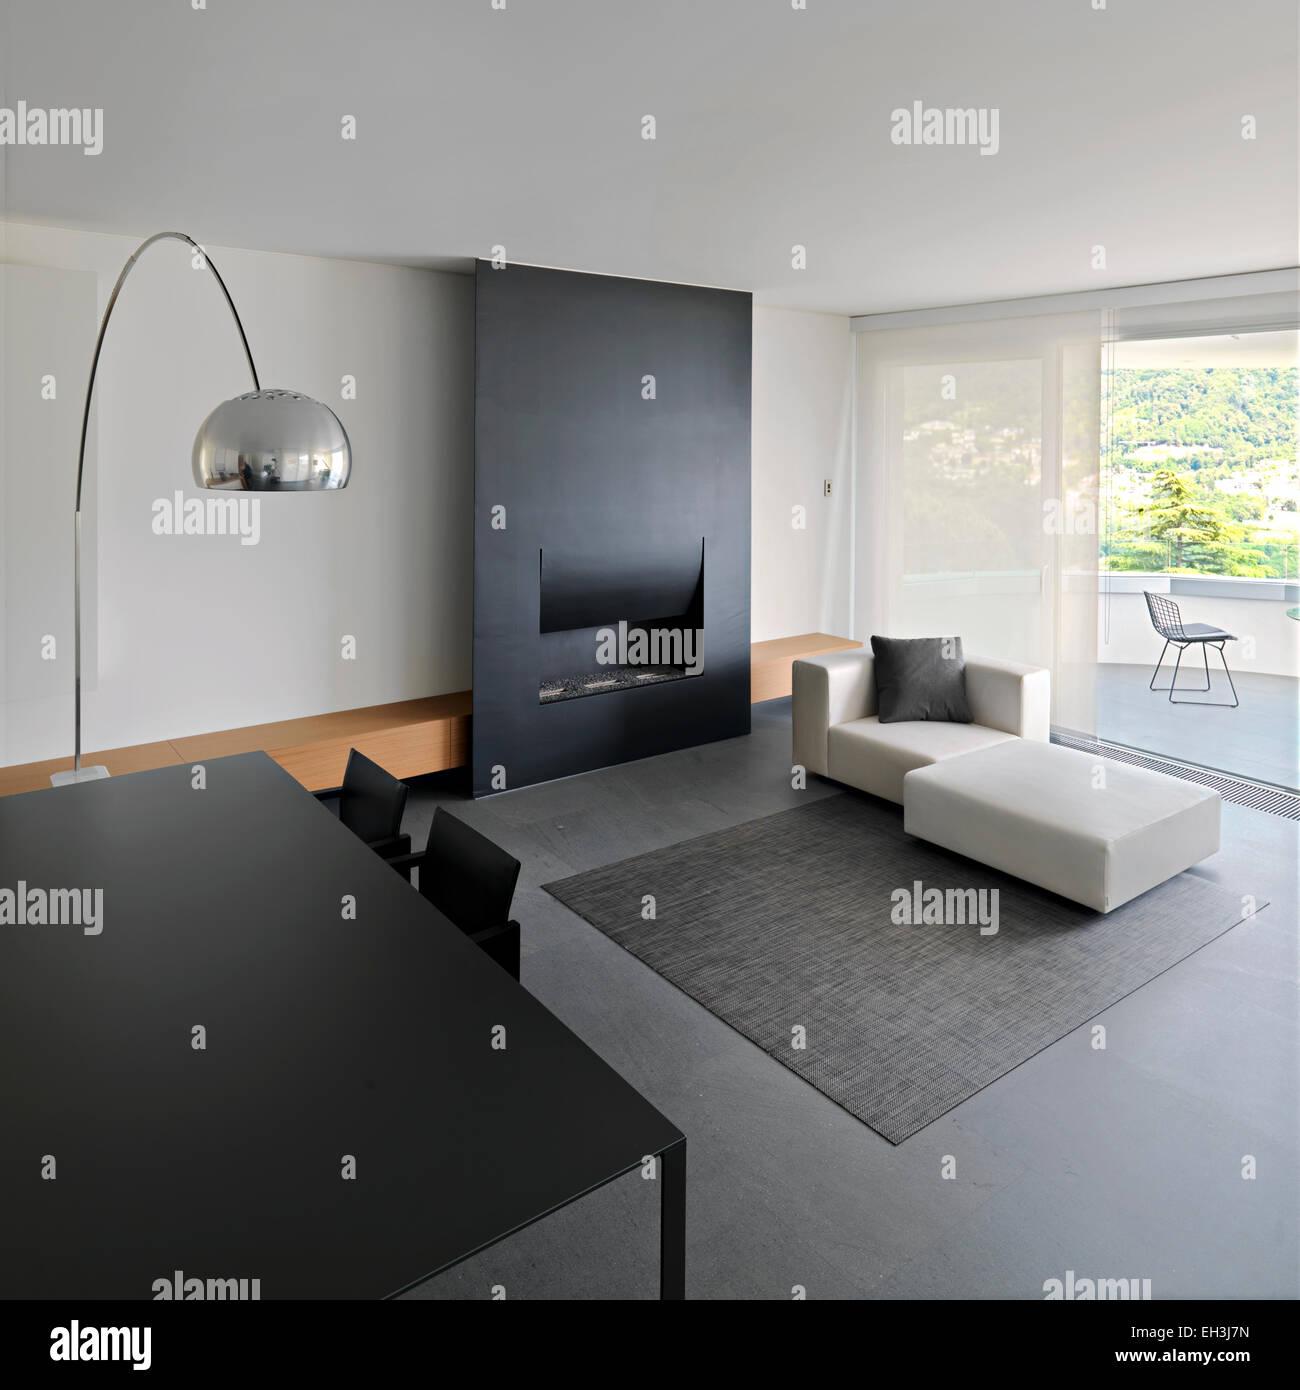 Vista interna di un moderno soggiorno con tavolo da pranzo e camino foto immagine stock - Tavolo da soggiorno moderno ...